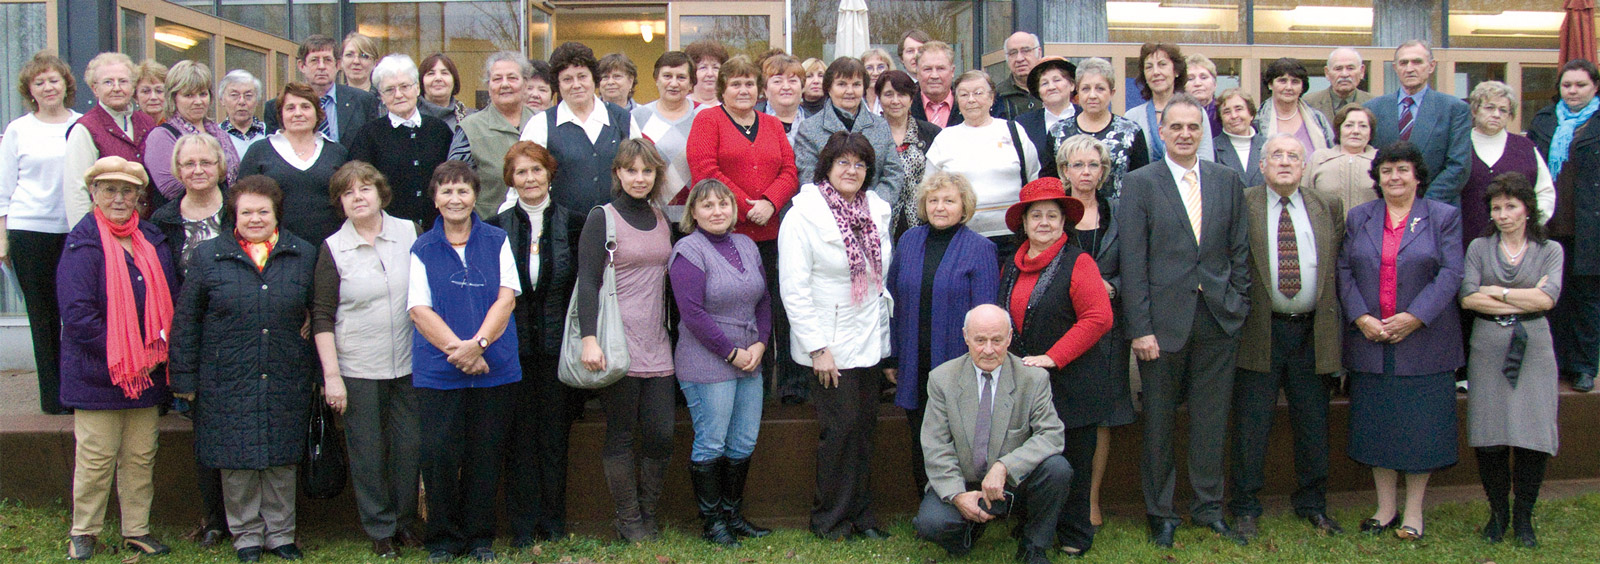 Teilnehmerinnen und Teilnehmer von Multiplikatorenschulungen der Landsmannschaft in Nienburg.